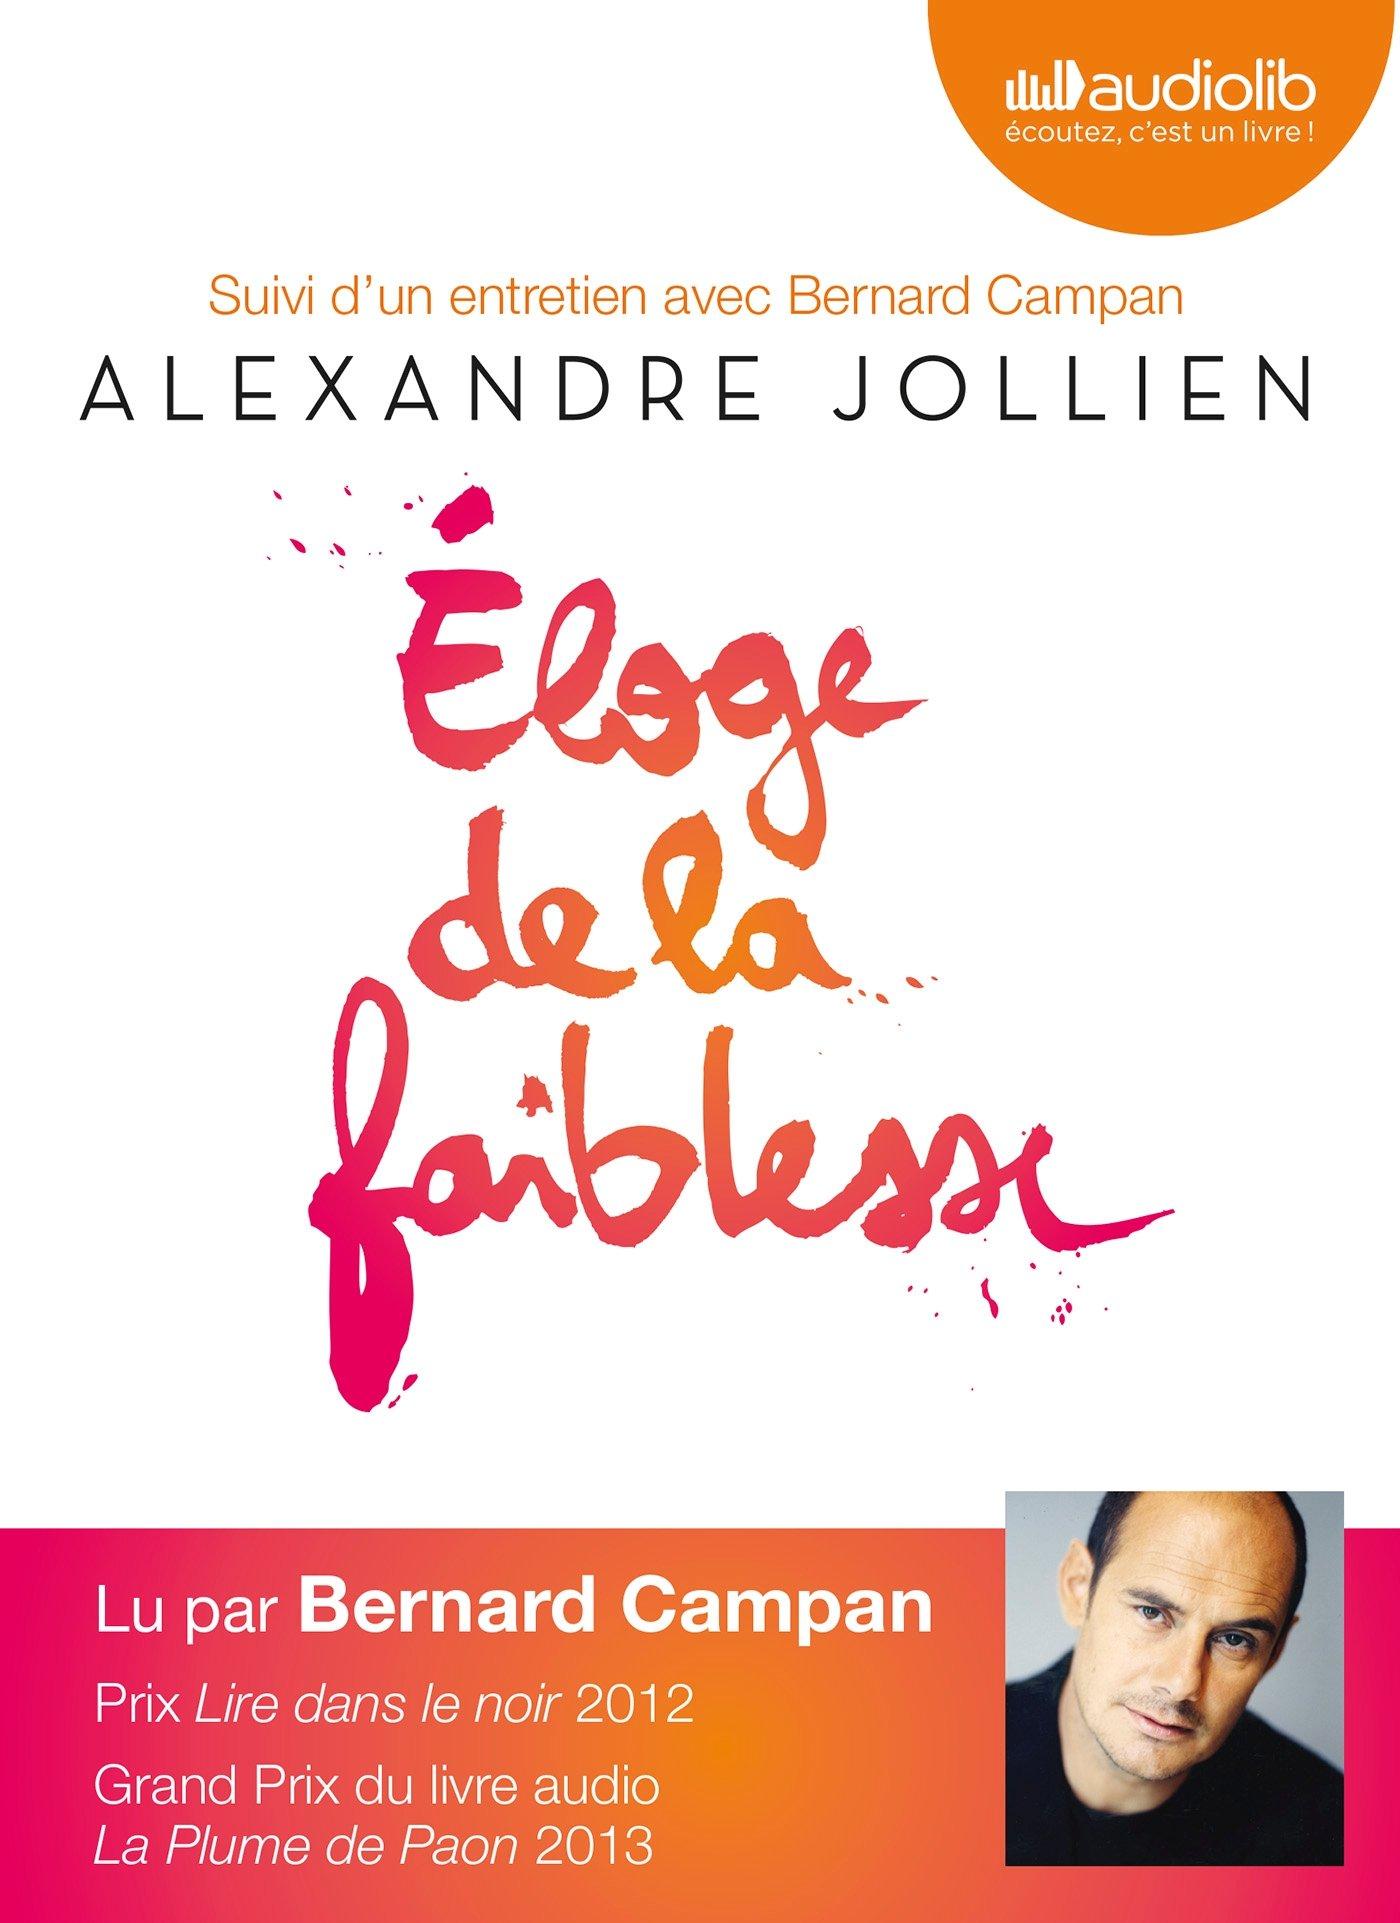 [EBOOKS AUDIO] ALEXANDRE JOLLIEN Éloge de la faiblesse [2012] [mp3 192 kbps]